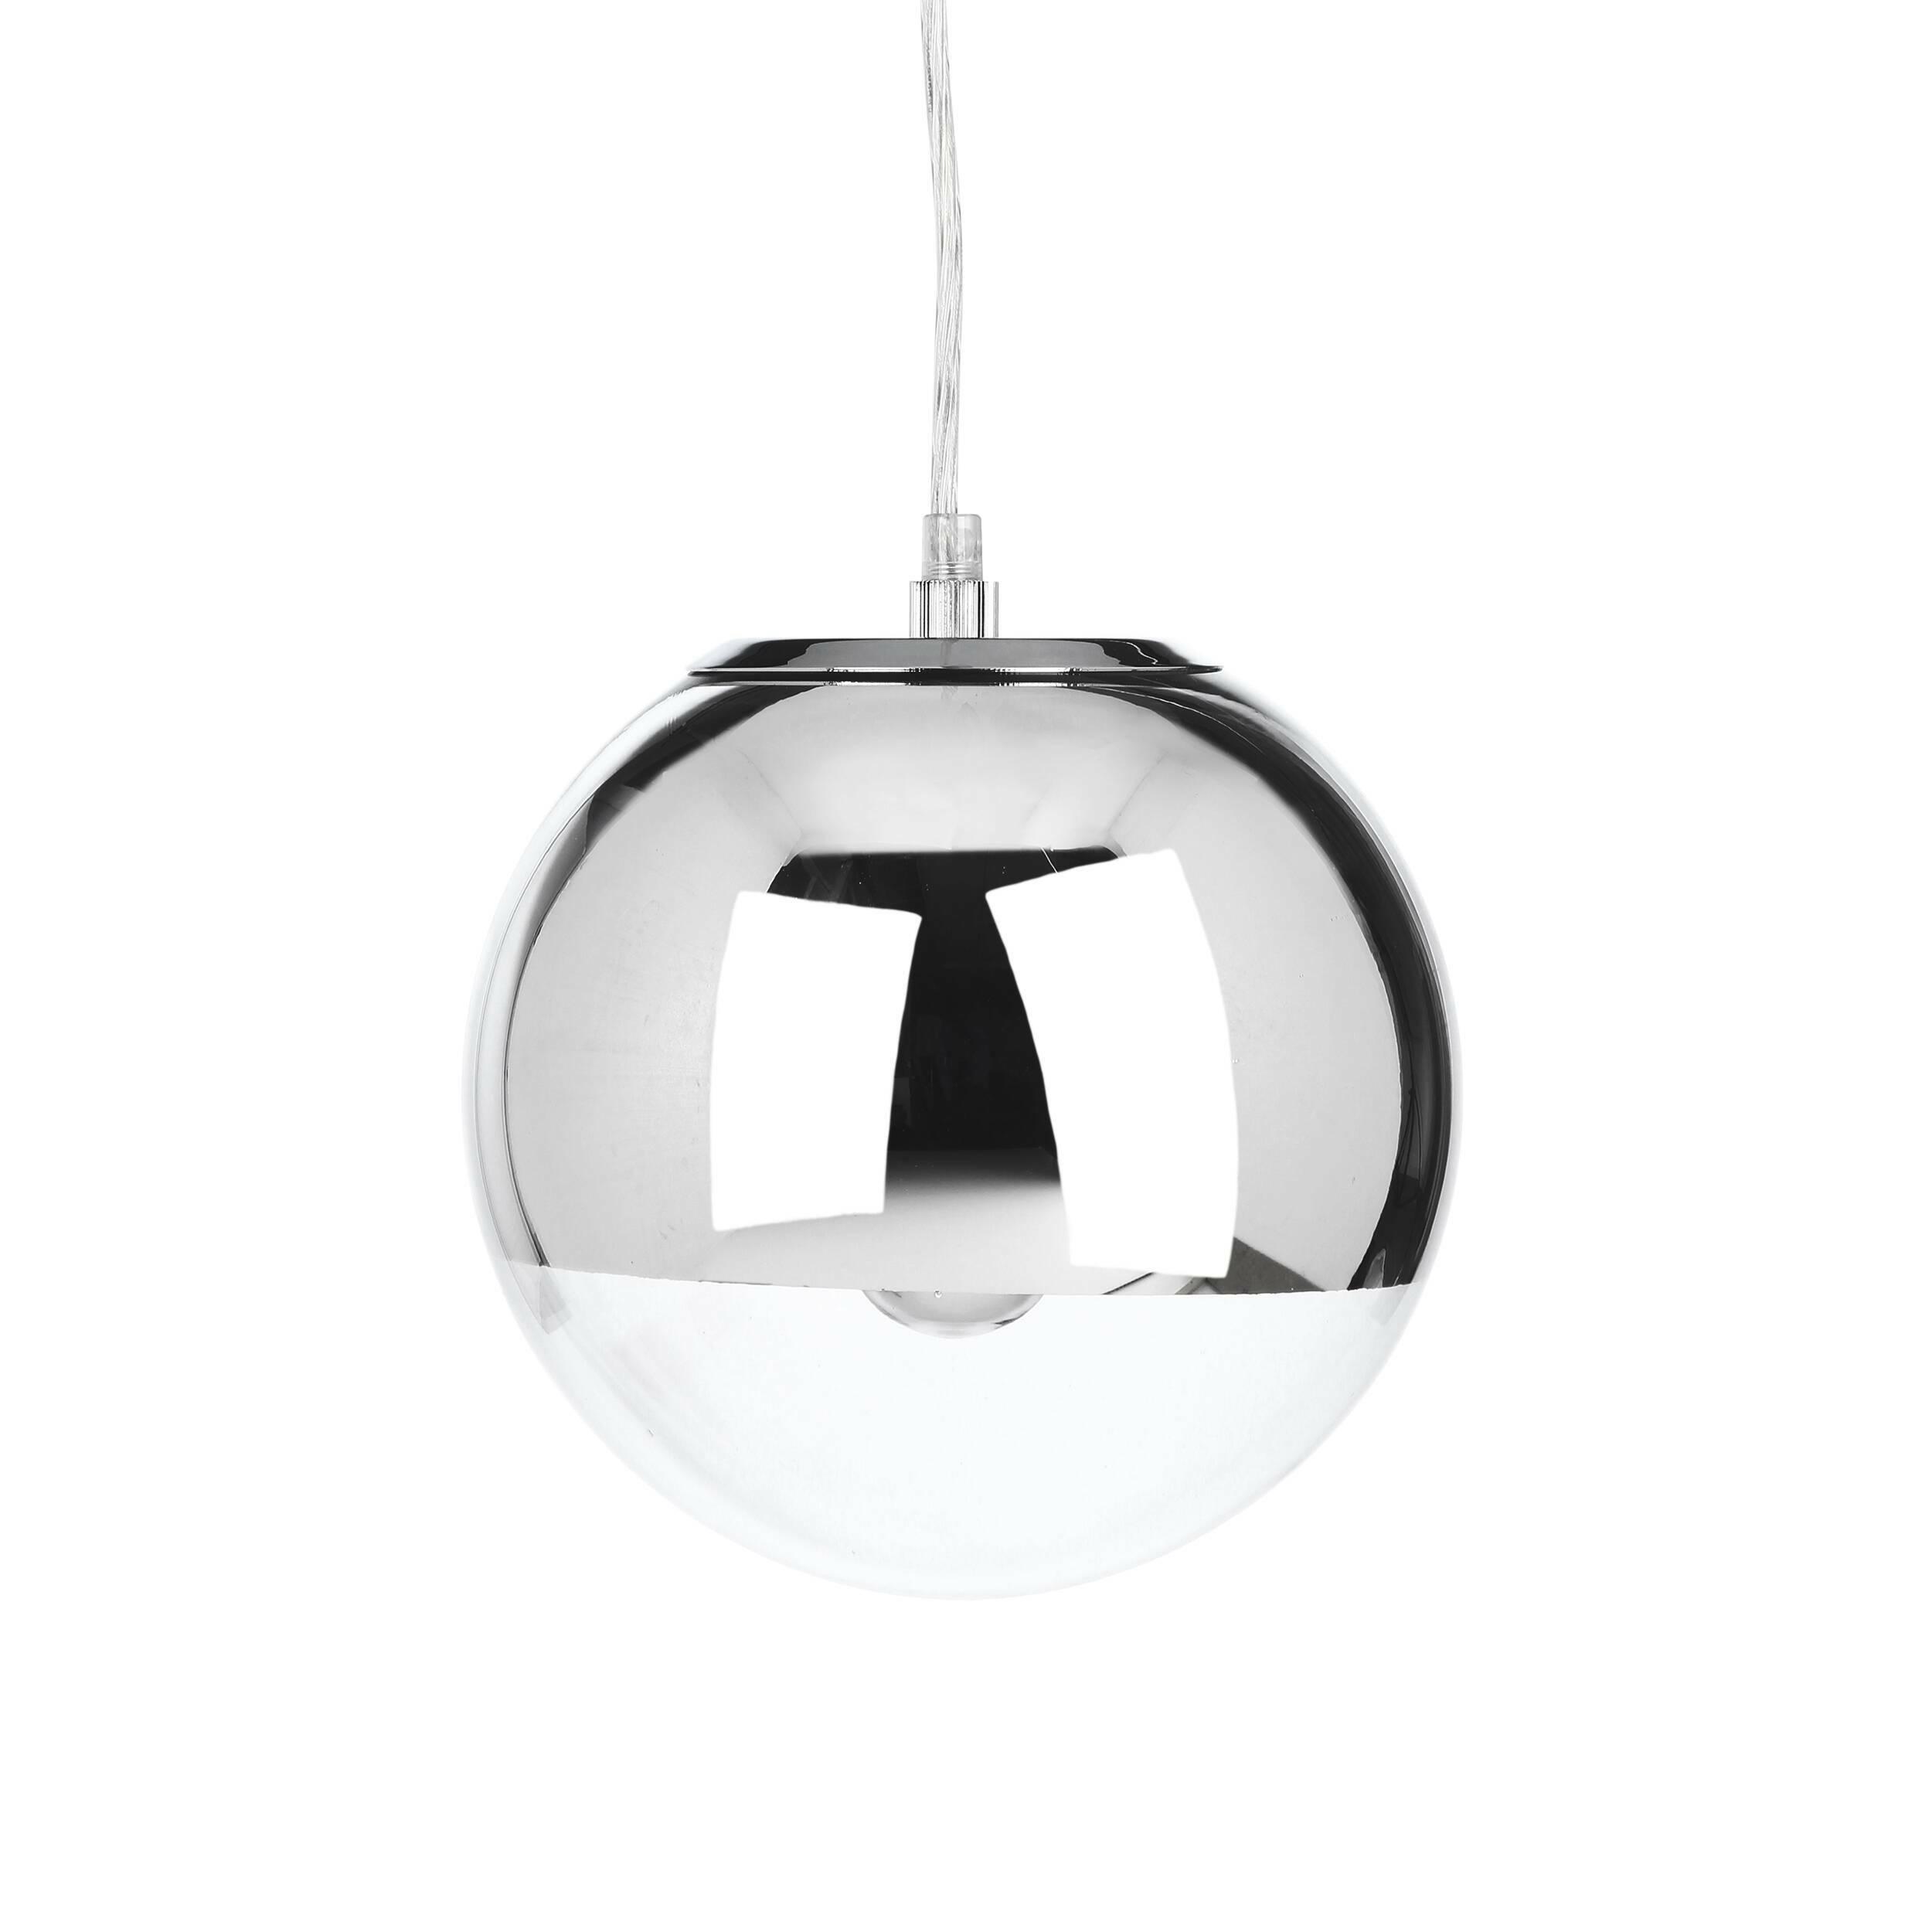 Подвесной светильник Mirror Ball диаметр 20Подвесные<br>Оригинальный и стильный — таким создали подвесной светильник Mirror Ball диаметр 20<br>ведущие западные дизайнеры. Светильник представляет собой небольшую сферу, наполовину прозрачную, наполовину хромированную, за счет чего достигается некий эффект сконцентрированного освещения. Кроме того, поверхность светильника обладает зеркальными свойствами.<br><br><br><br><br> Абажур подвесного светильника Mirror Ball диаметр 20<br>состоит наполовину из прозрачного стекла и наполовину из прочной стали. Такое с...<br><br>stock: 26<br>Диаметр: 20<br>Количество ламп: 1<br>Материал абажура: Стекло<br>Материал арматуры: Сталь<br>Мощность лампы: 40<br>Ламп в комплекте: Нет<br>Напряжение: 220<br>Тип лампы/цоколь: E27<br>Цвет абажура: Хром<br>Цвет арматуры: Хром